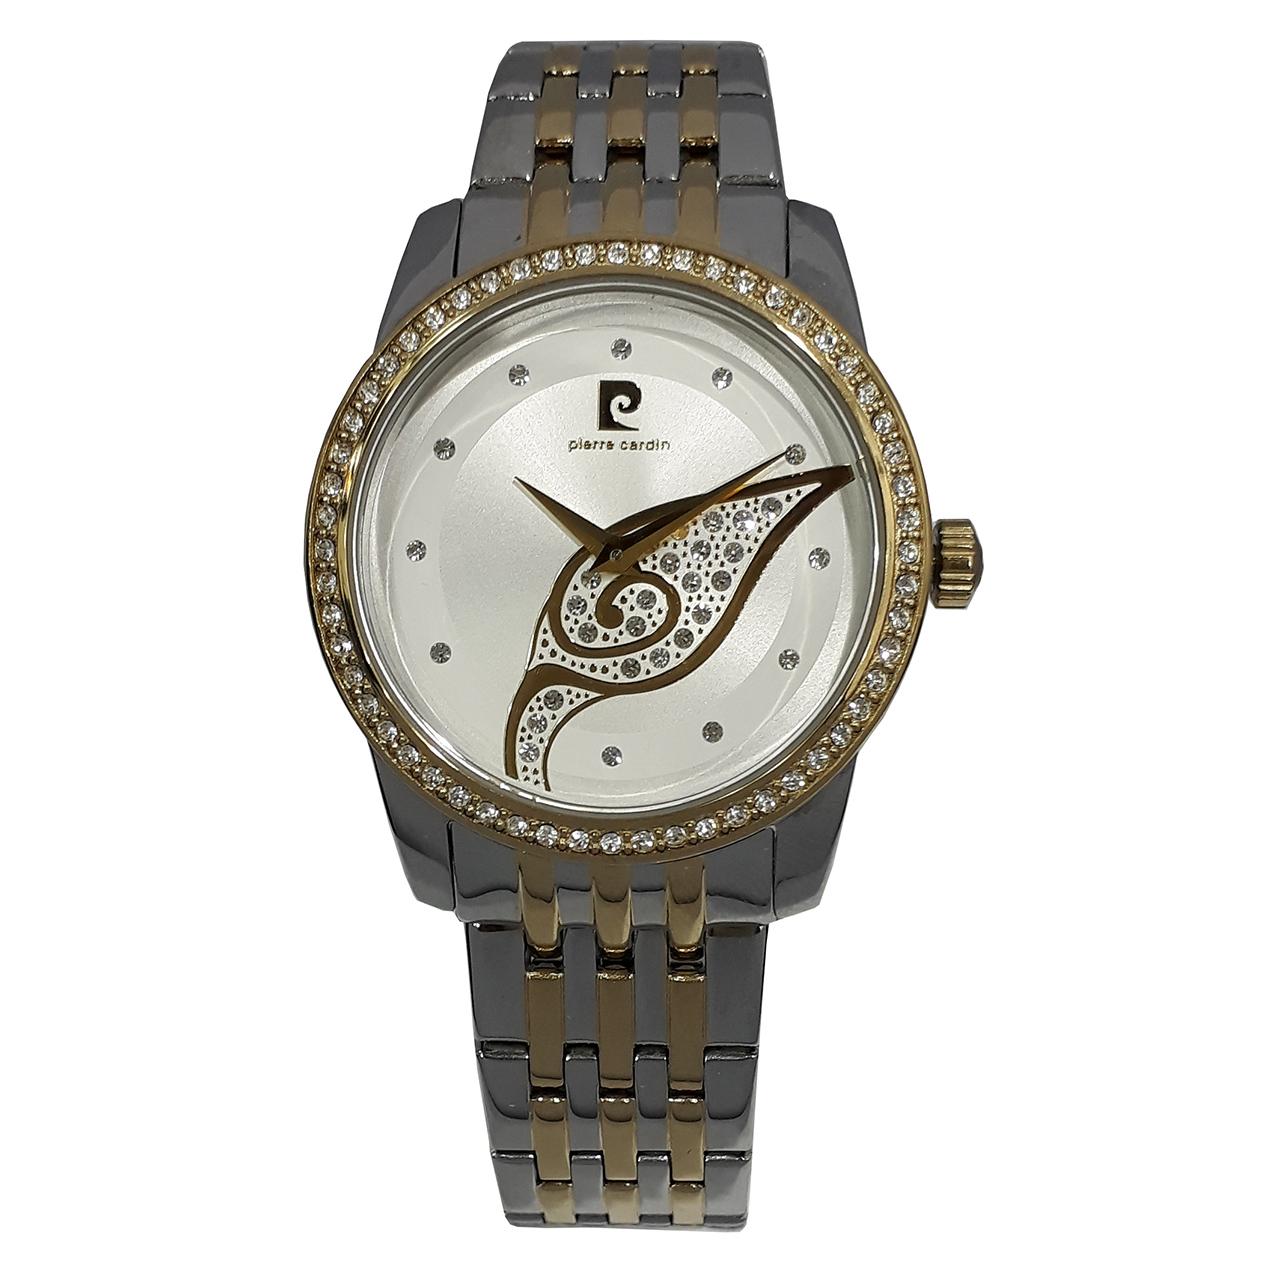 خرید ساعت مچی عقربه ای زنانه پیر کاردین مدل PC106172F20